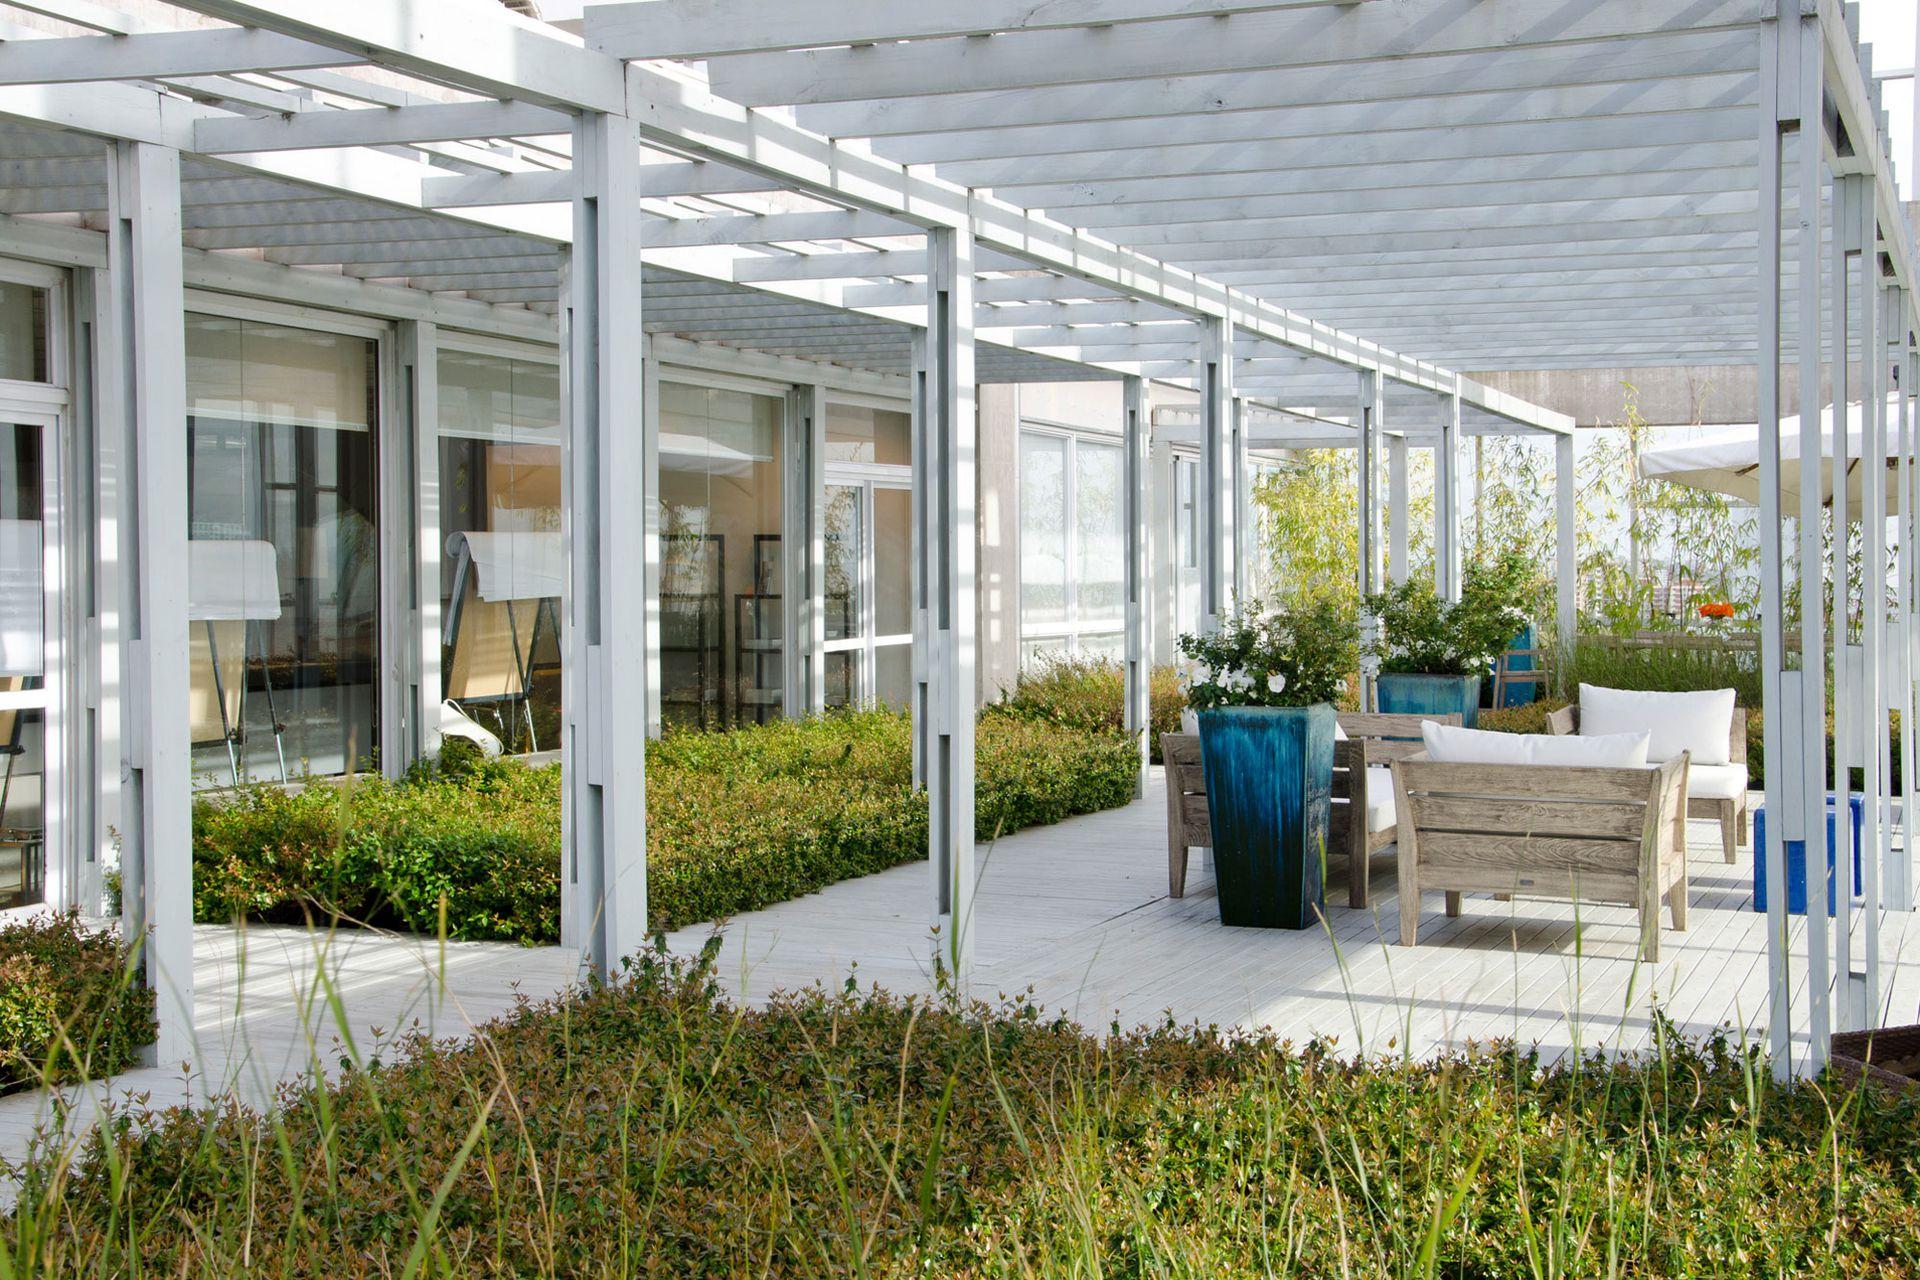 Mucho verde y una pérgola blanca definen el estilo despojado de esta terraza, en la que se contempló la inclusión un living con sillones. (Paisajismo: Lucía  Schiappapietra y Asoc.)